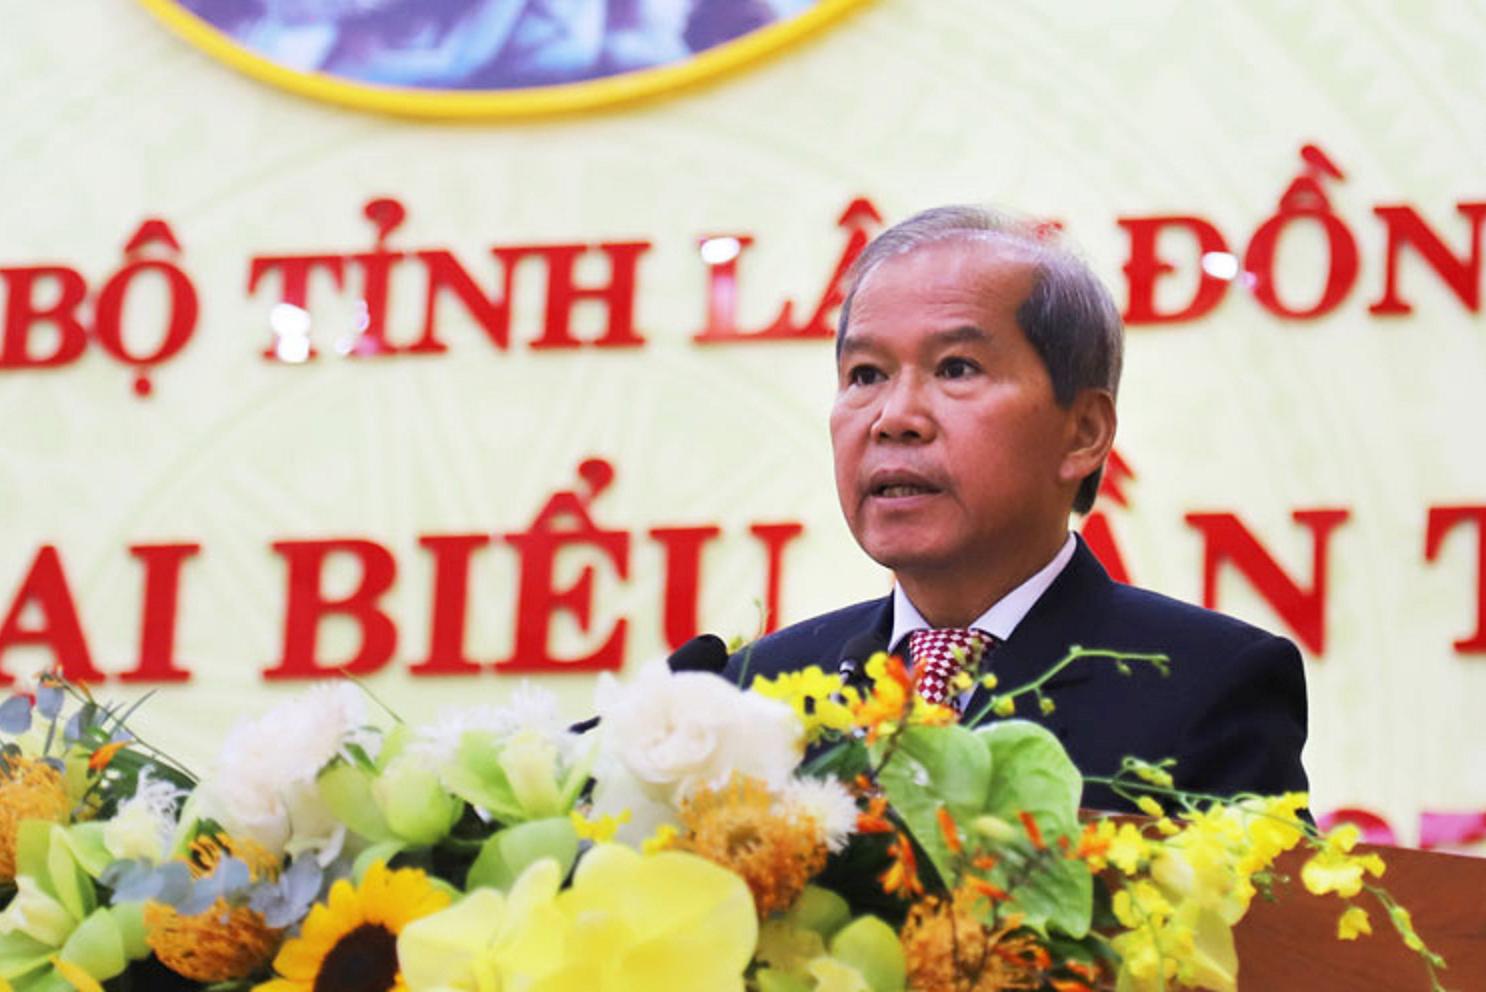 Đồng chí Nguyễn Xuân Tiến - Ủy viên Trung ương Đảng, Bí thư Tỉnh ủy Lâm Đồng phát biểu khai mạc Đại hội